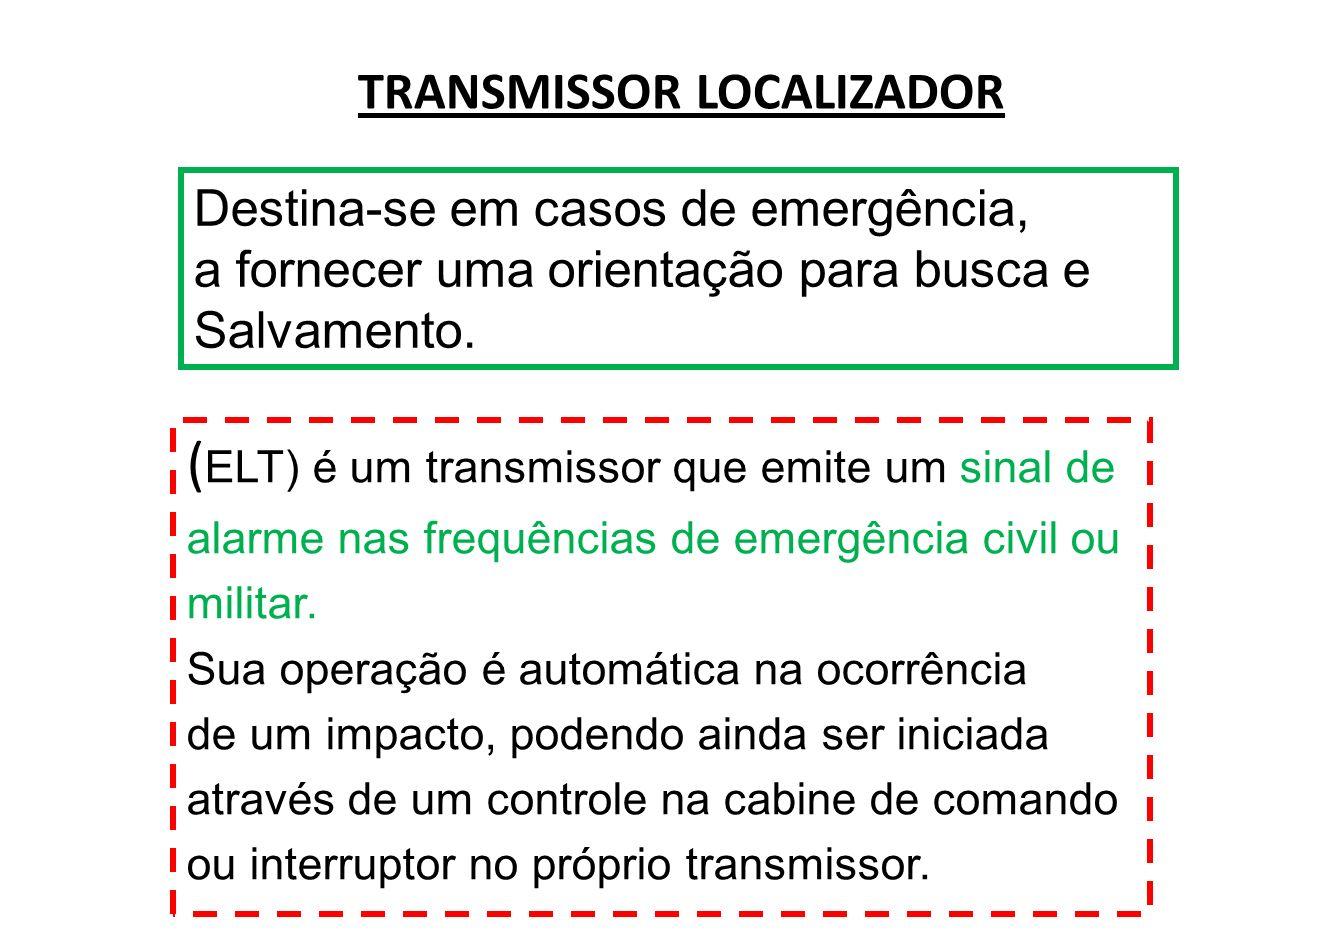 TRANSMISSOR LOCALIZADOR